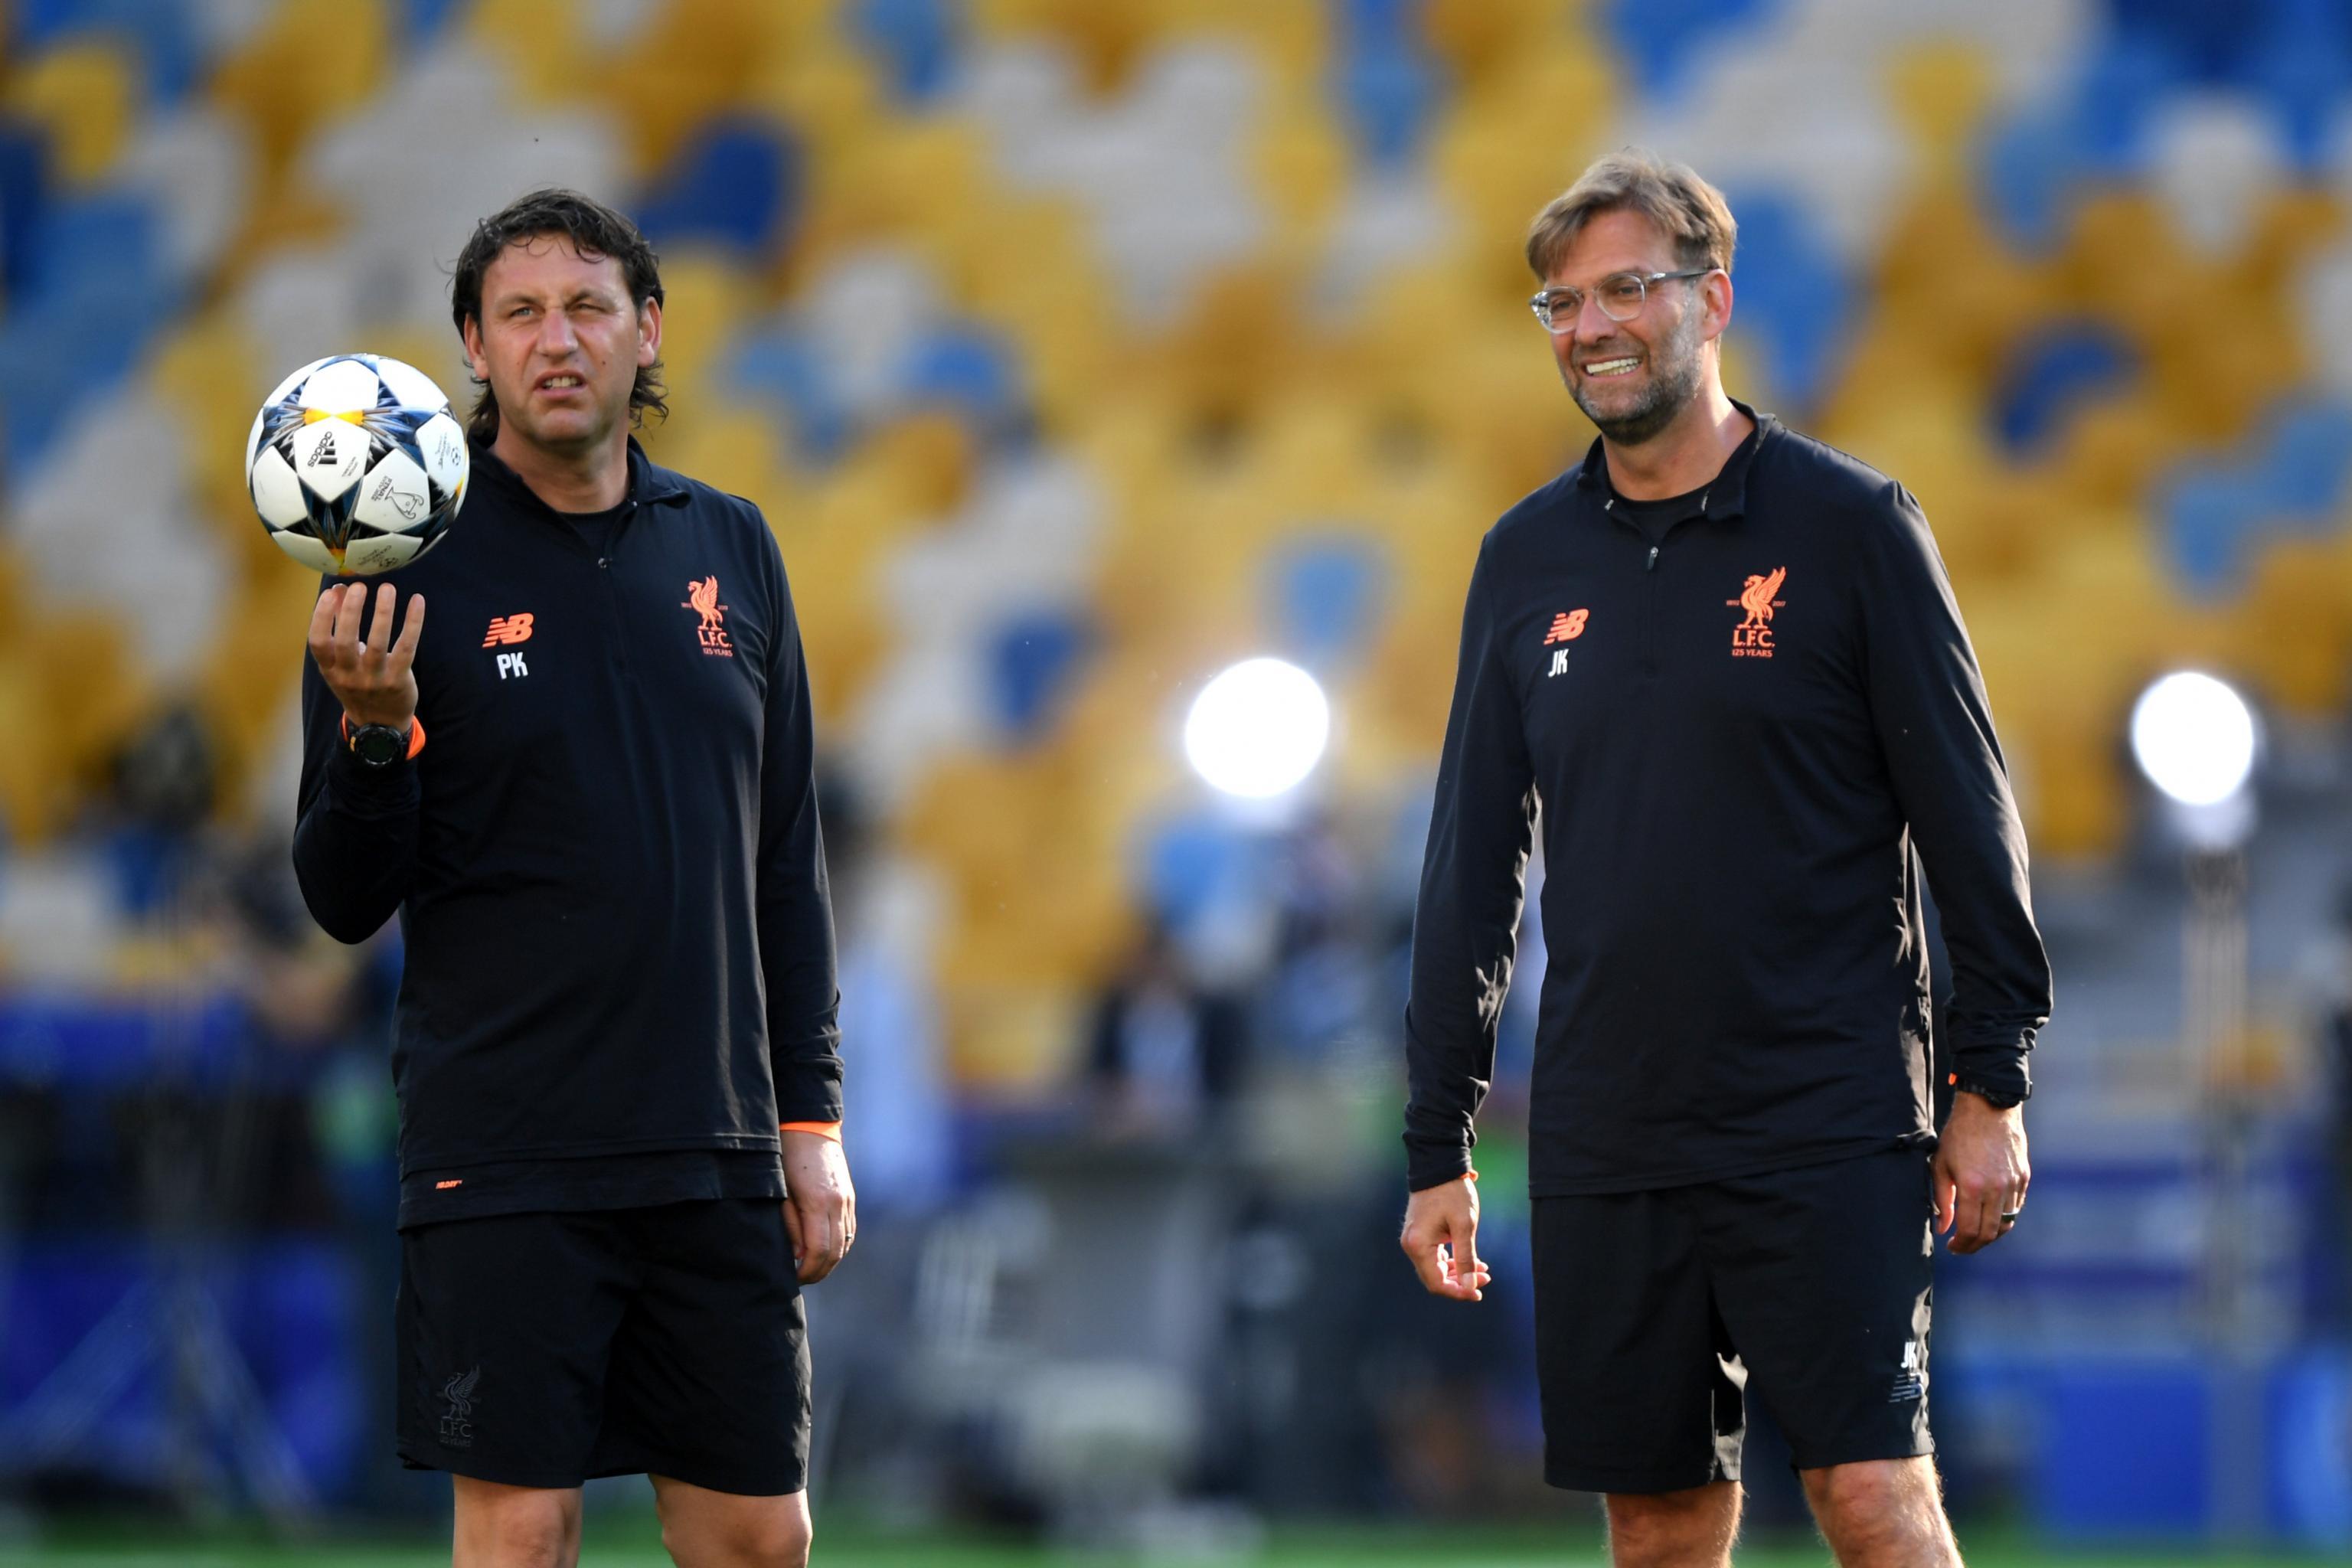 Peter Krawietz: Liverpool Boss Jurgen Klopp Won't Spend for 'Sake ...